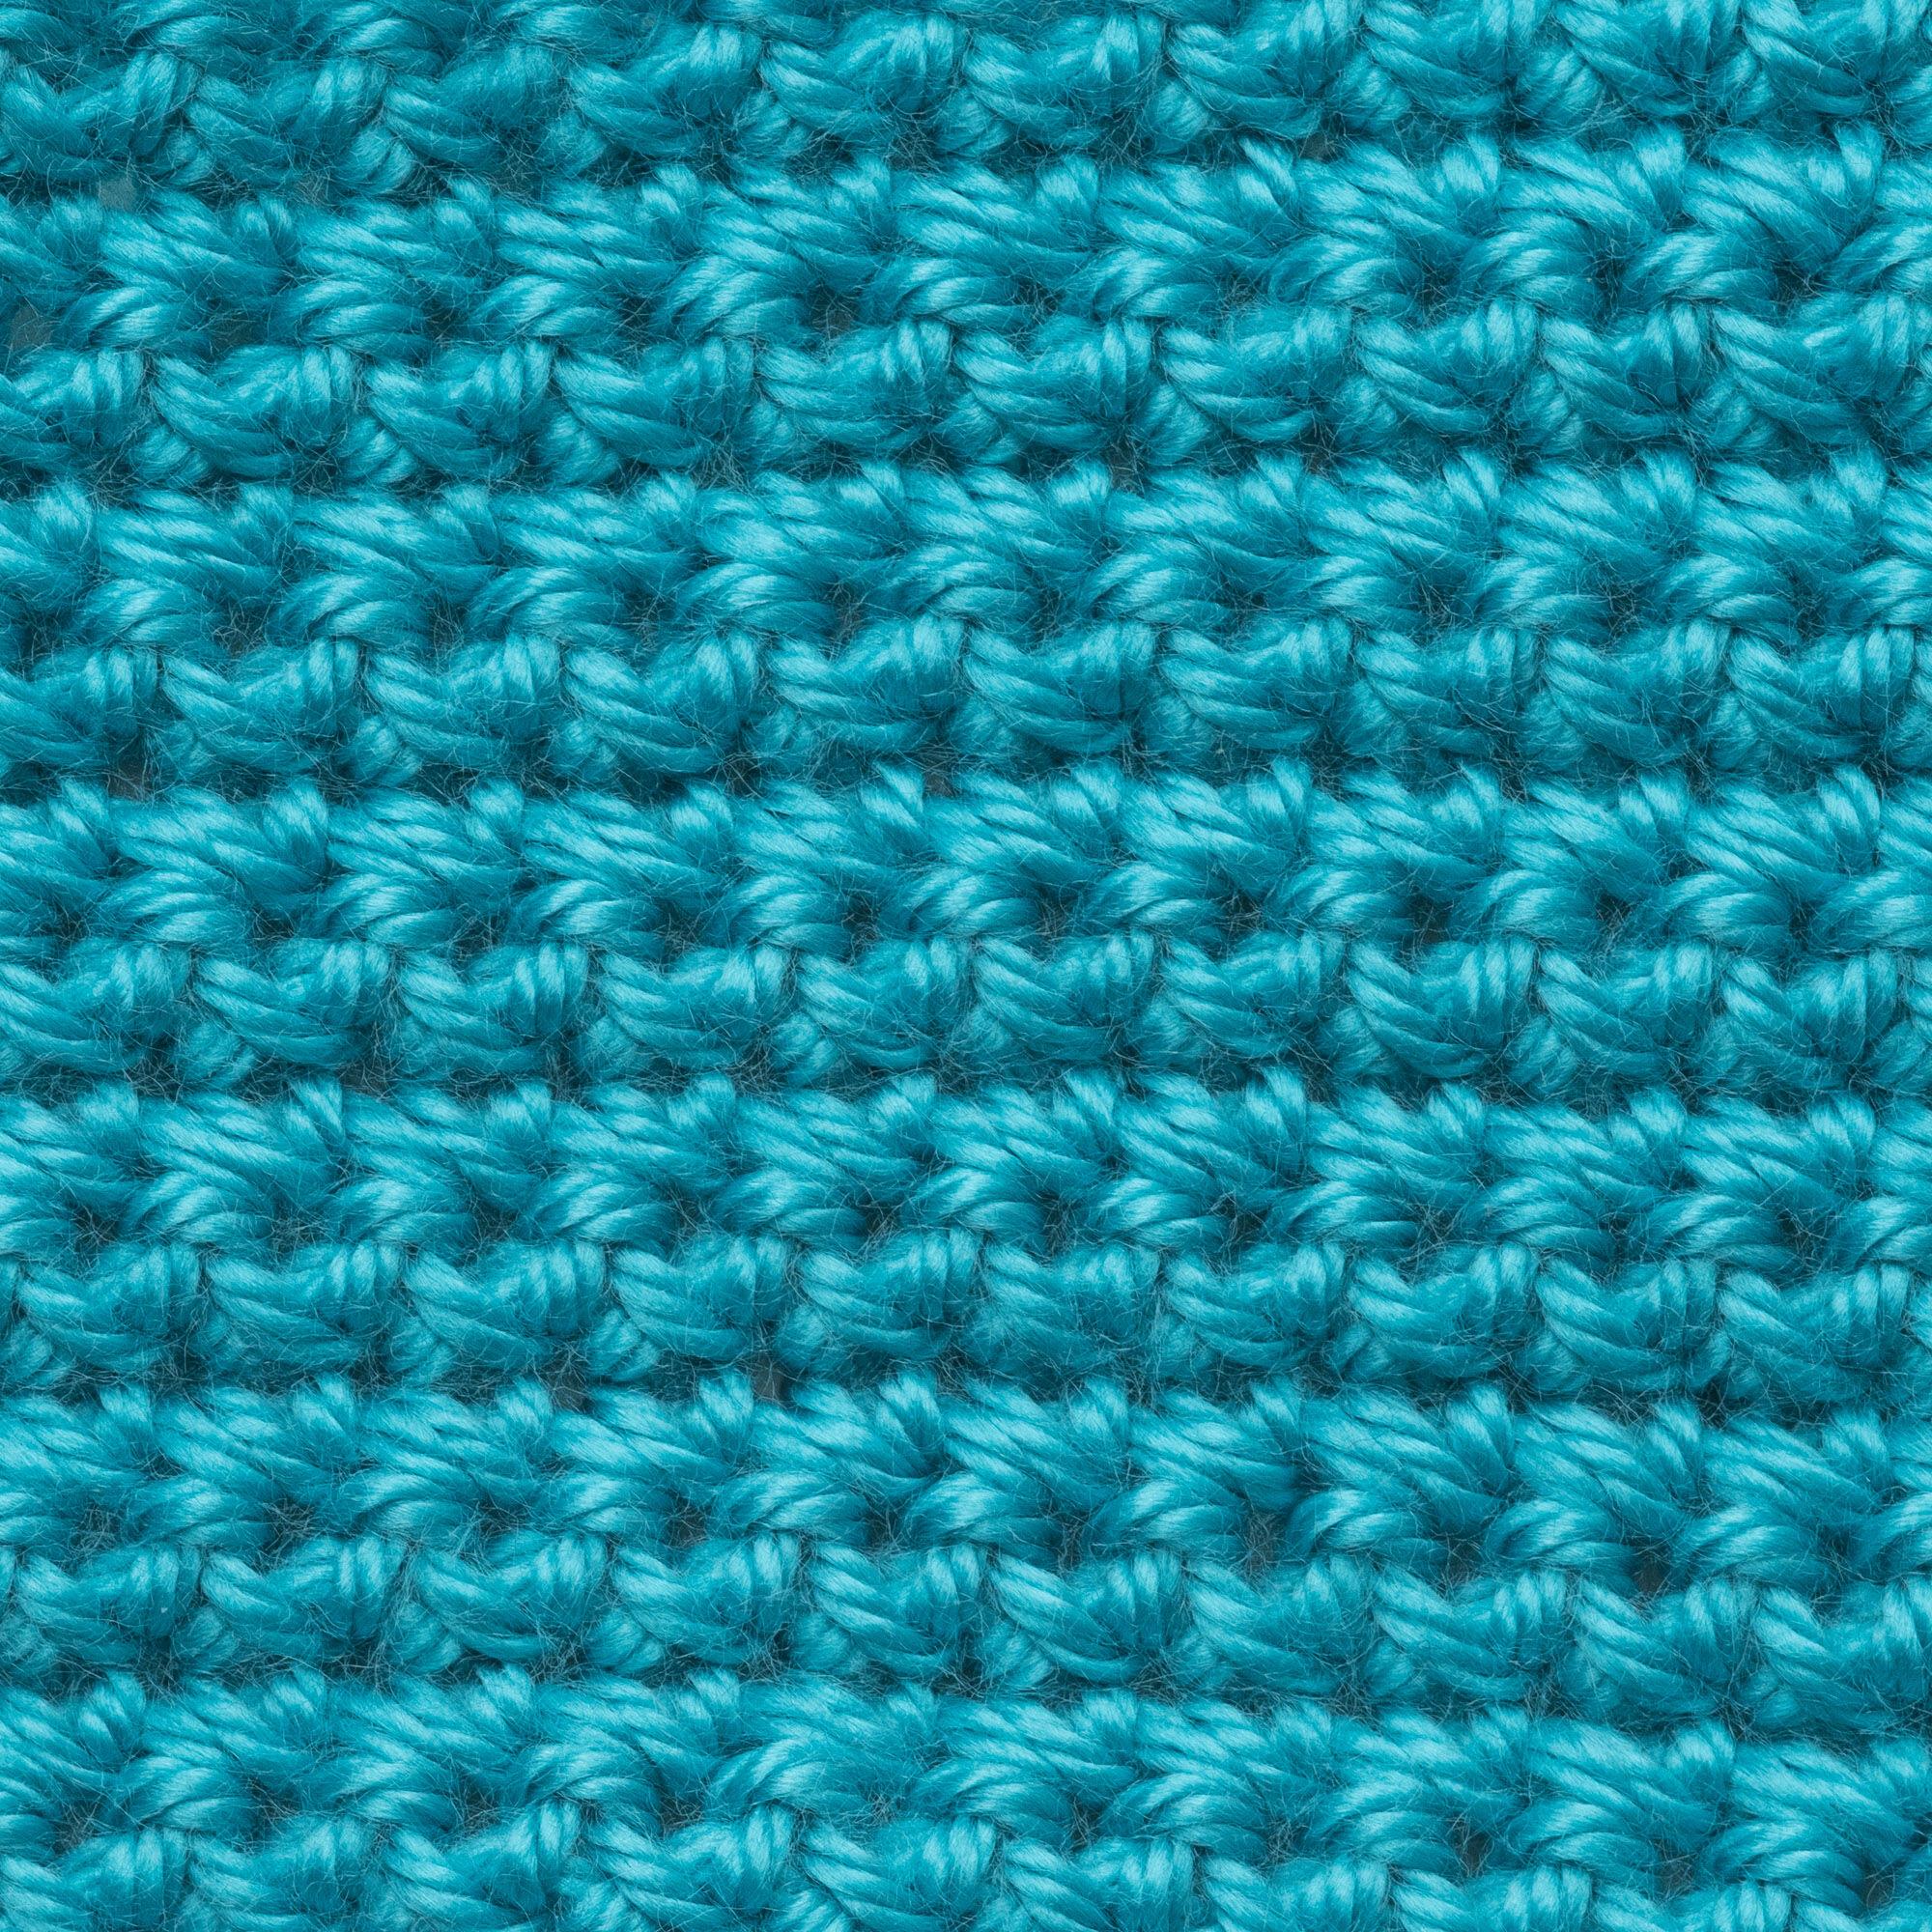 H9700B-9608 Caron Simply Soft Brites Yarn-Blue Mint